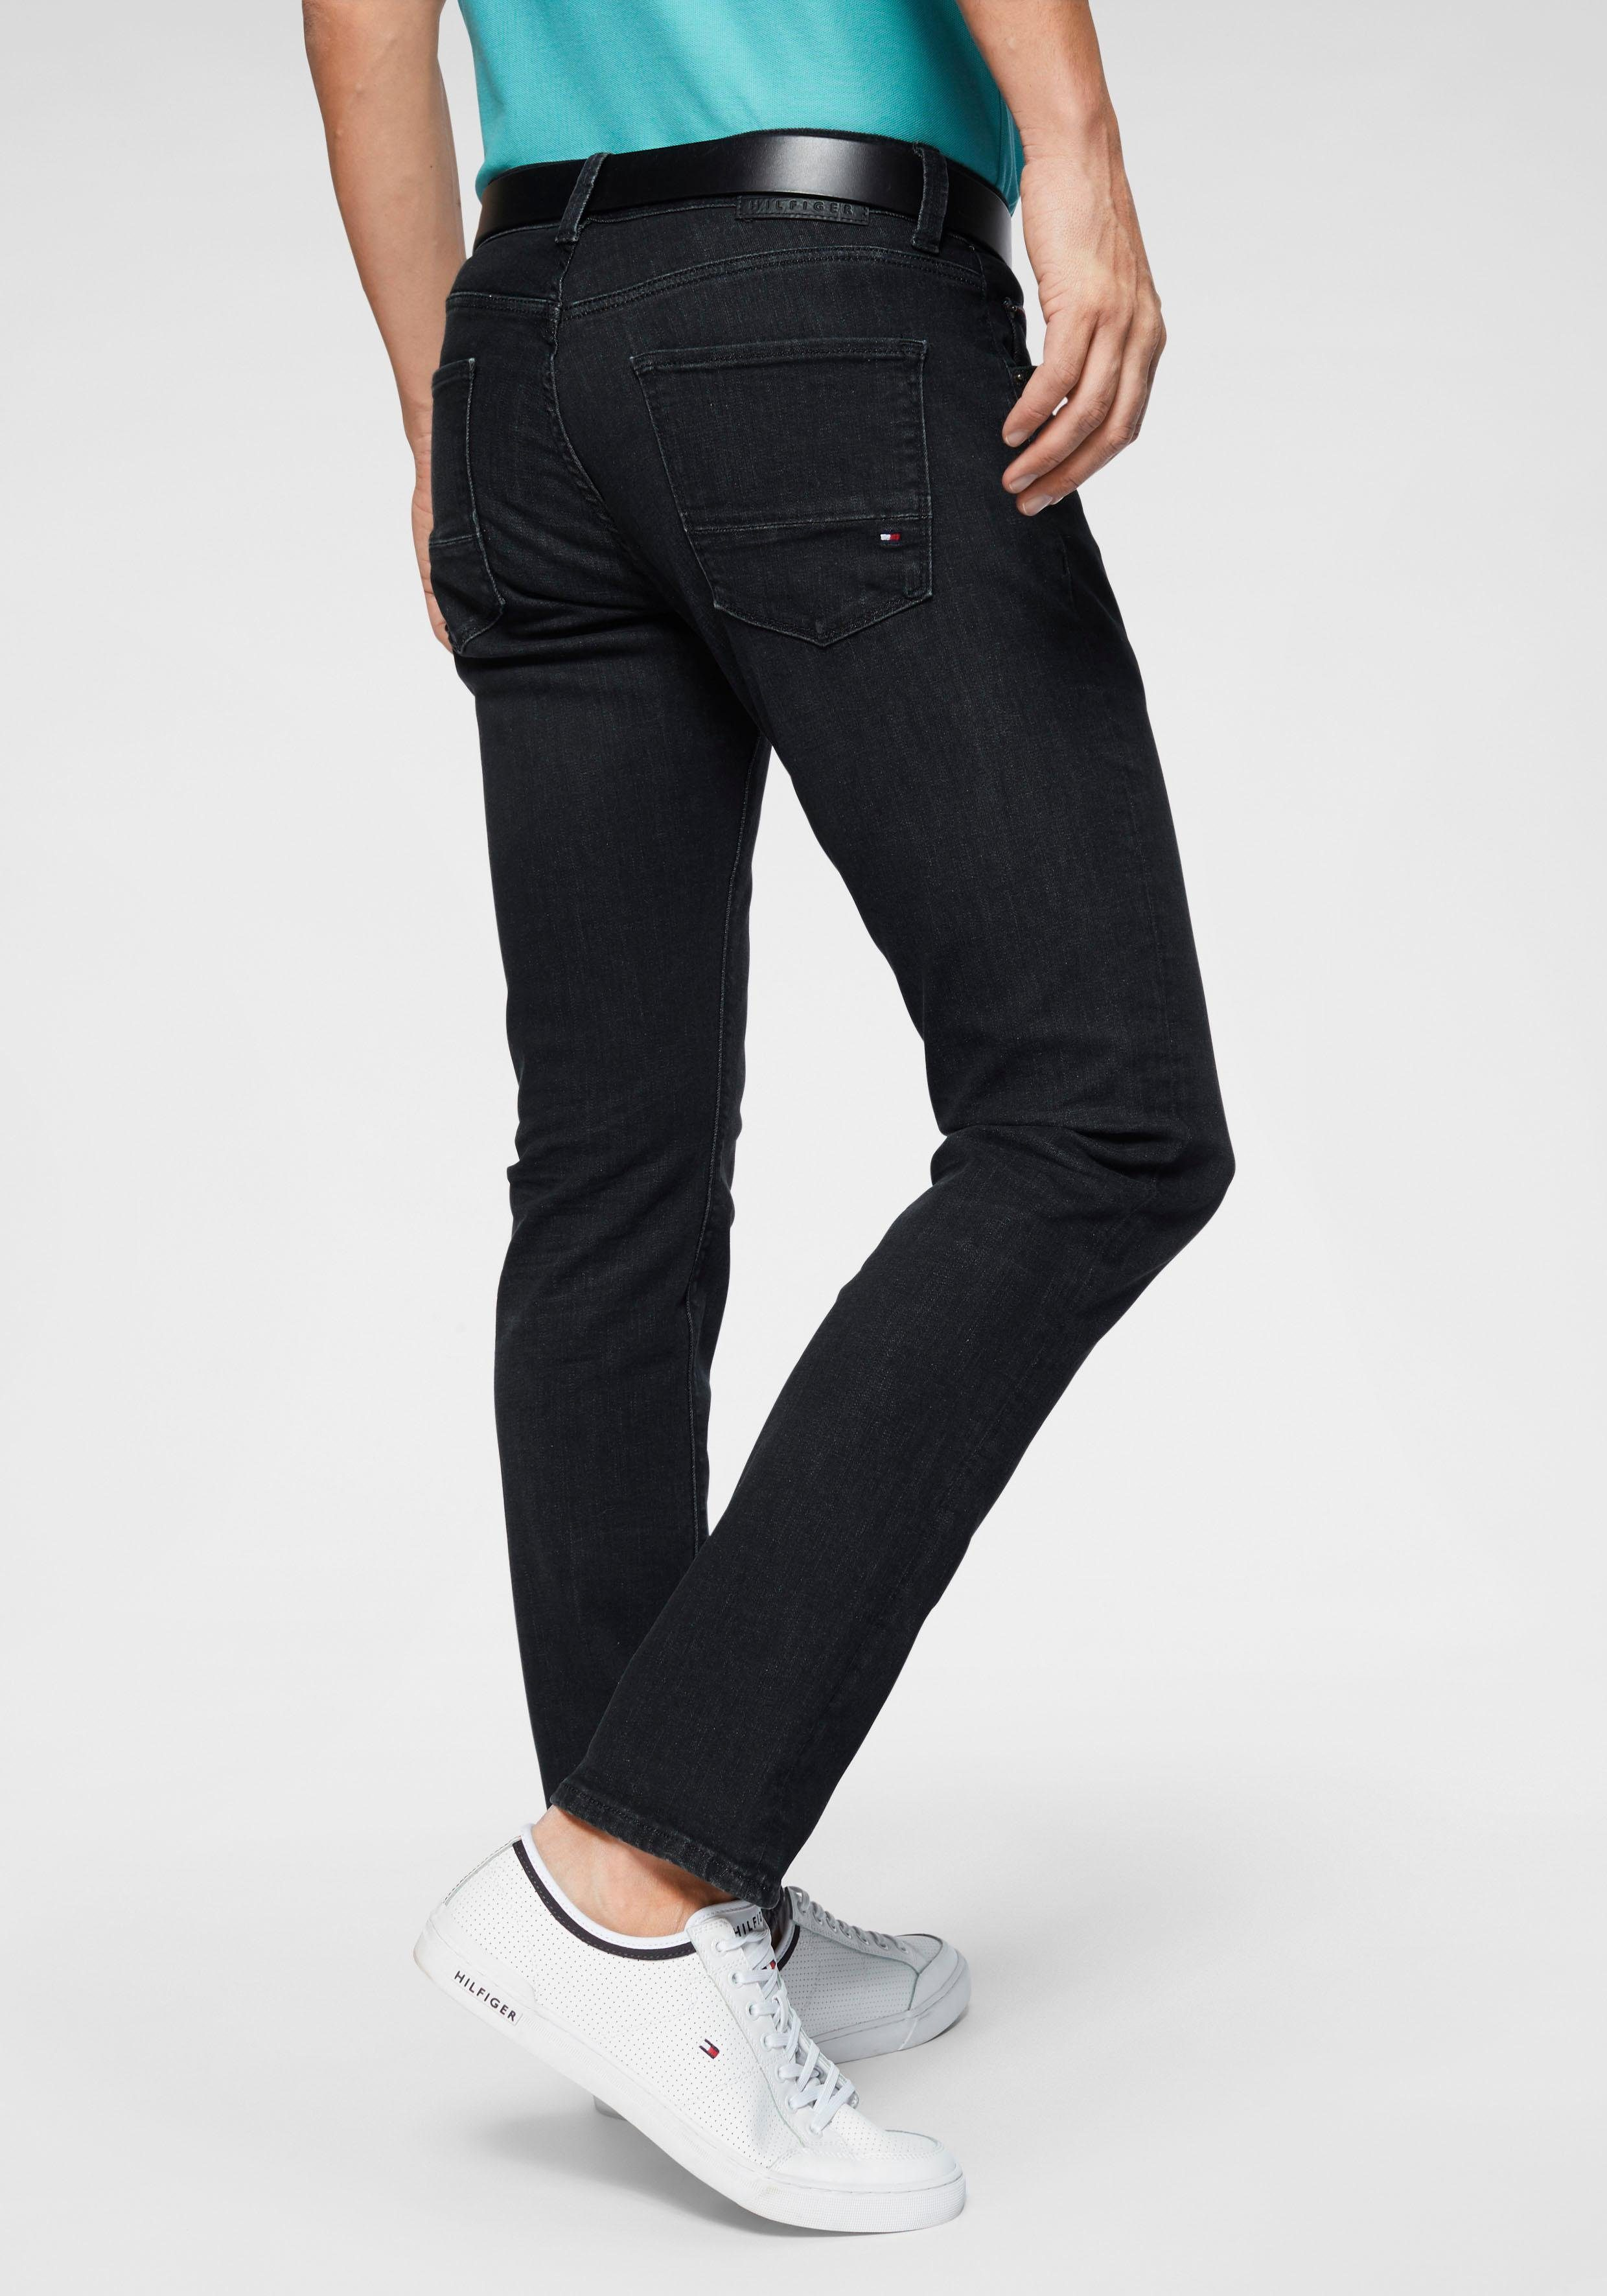 Tommy Hilfiger Jeans »STRAIGHT DENTON PSTR ARIMO BLACK« online kaufen   OTTO